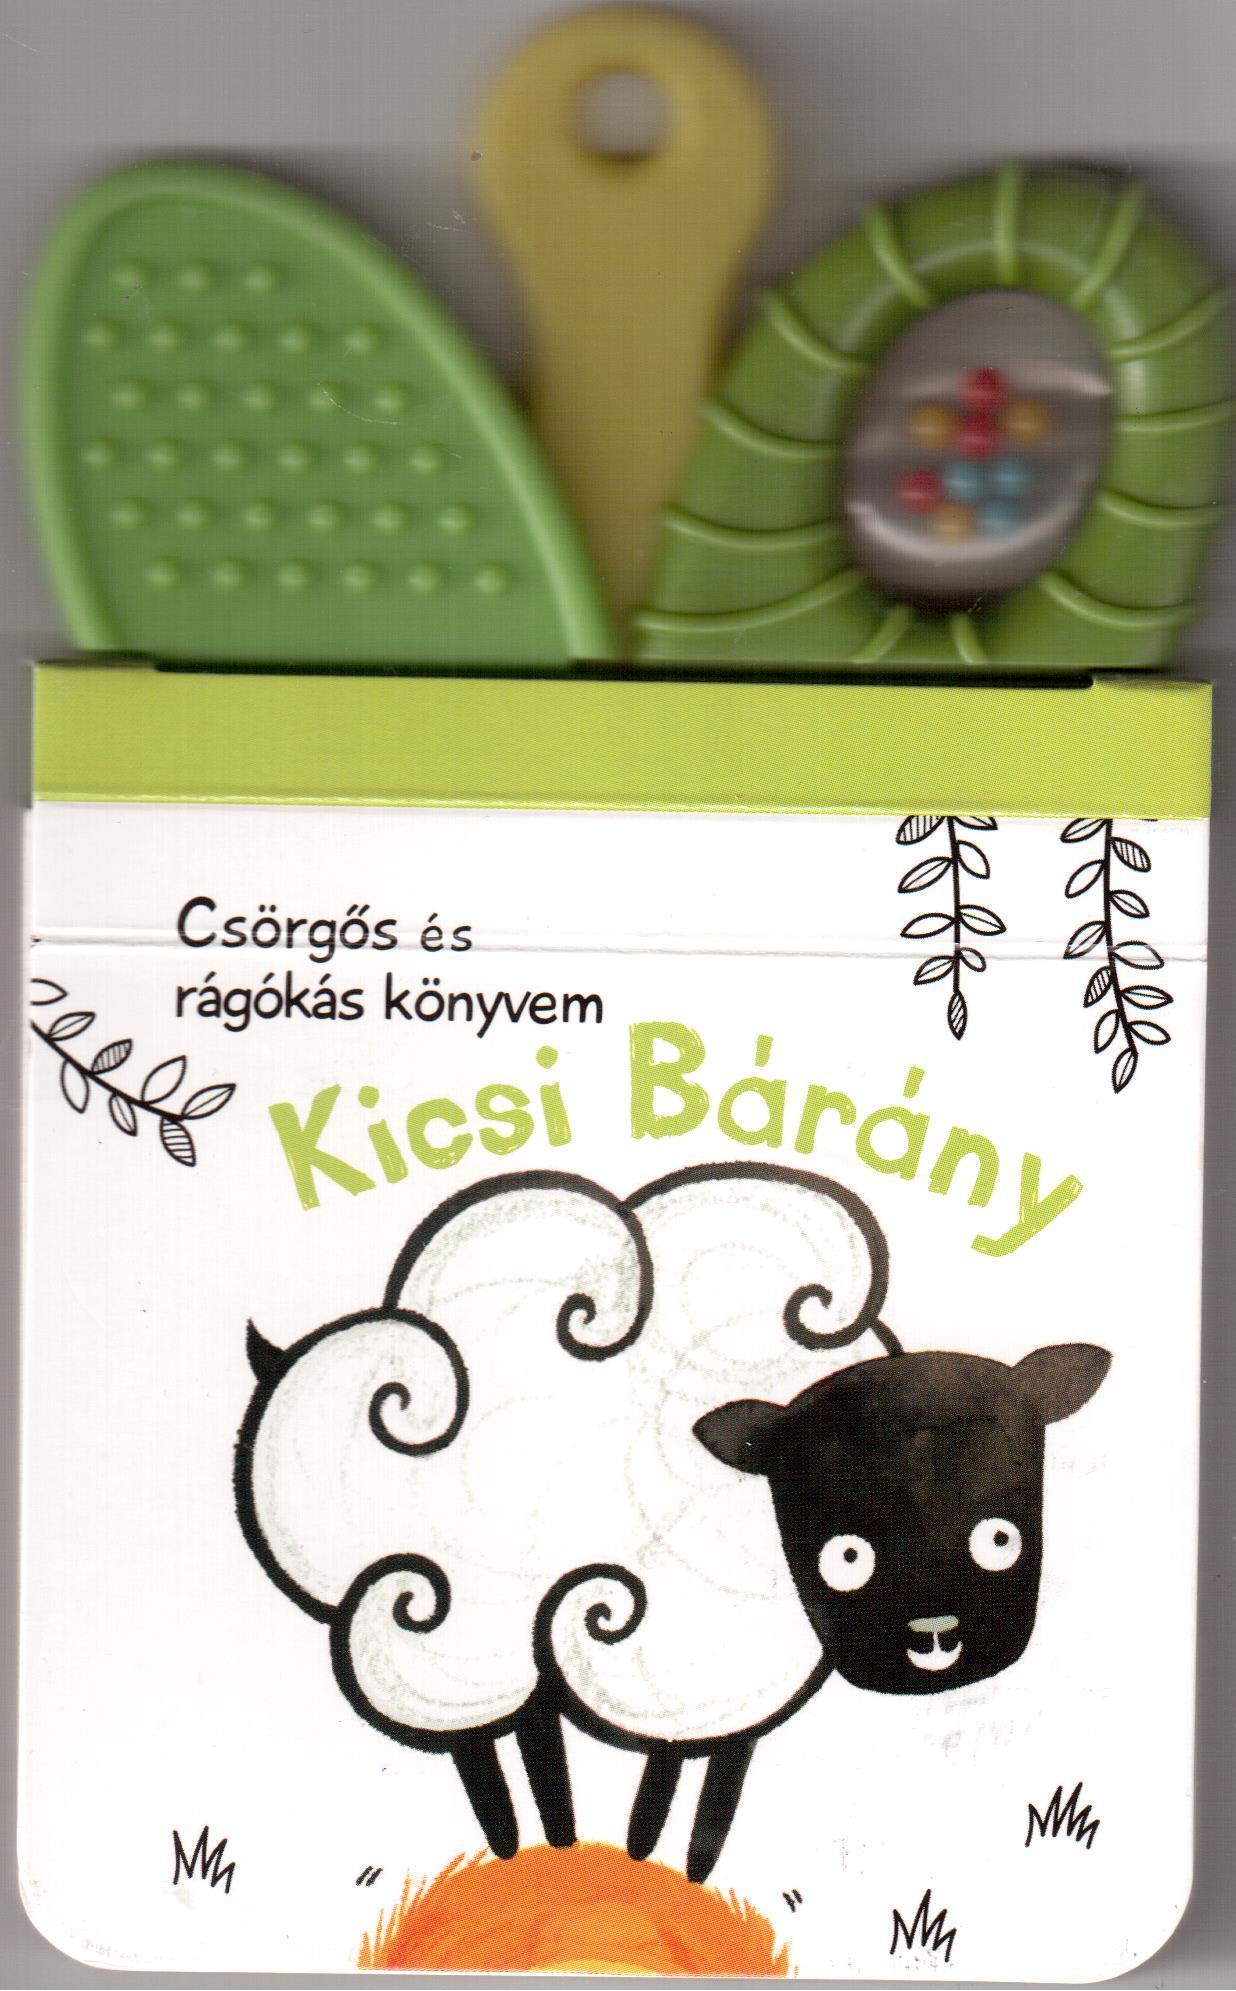 - KICSI BÁRÁNY - CSÖRGŐS ÉS RÁGÓKÁS KÖNYVEM